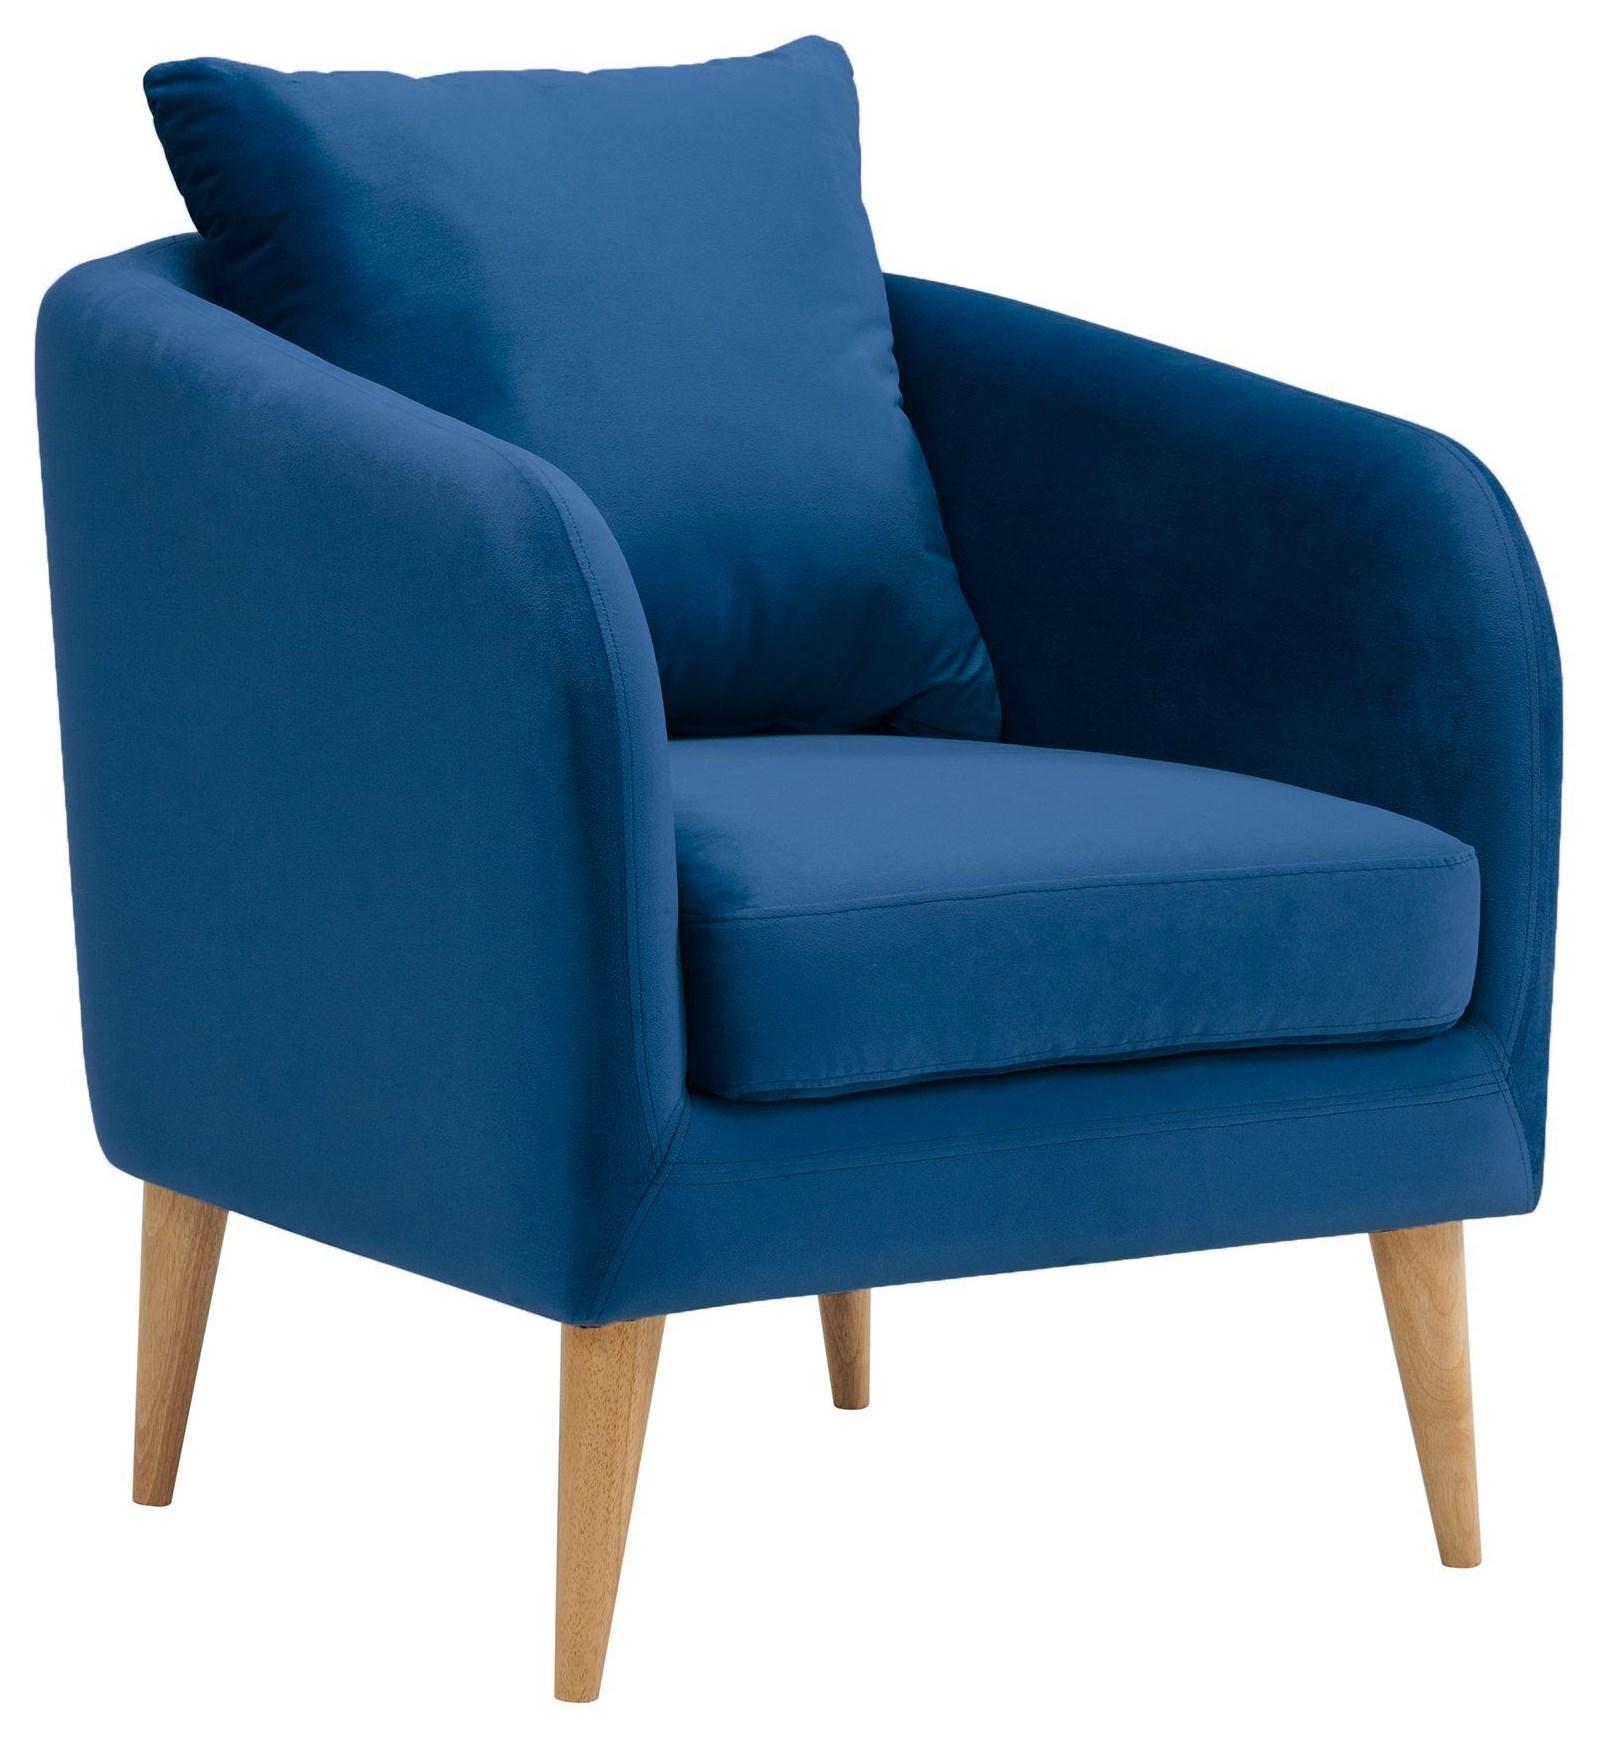 Wheaton Wheaton Chair at Morris Home